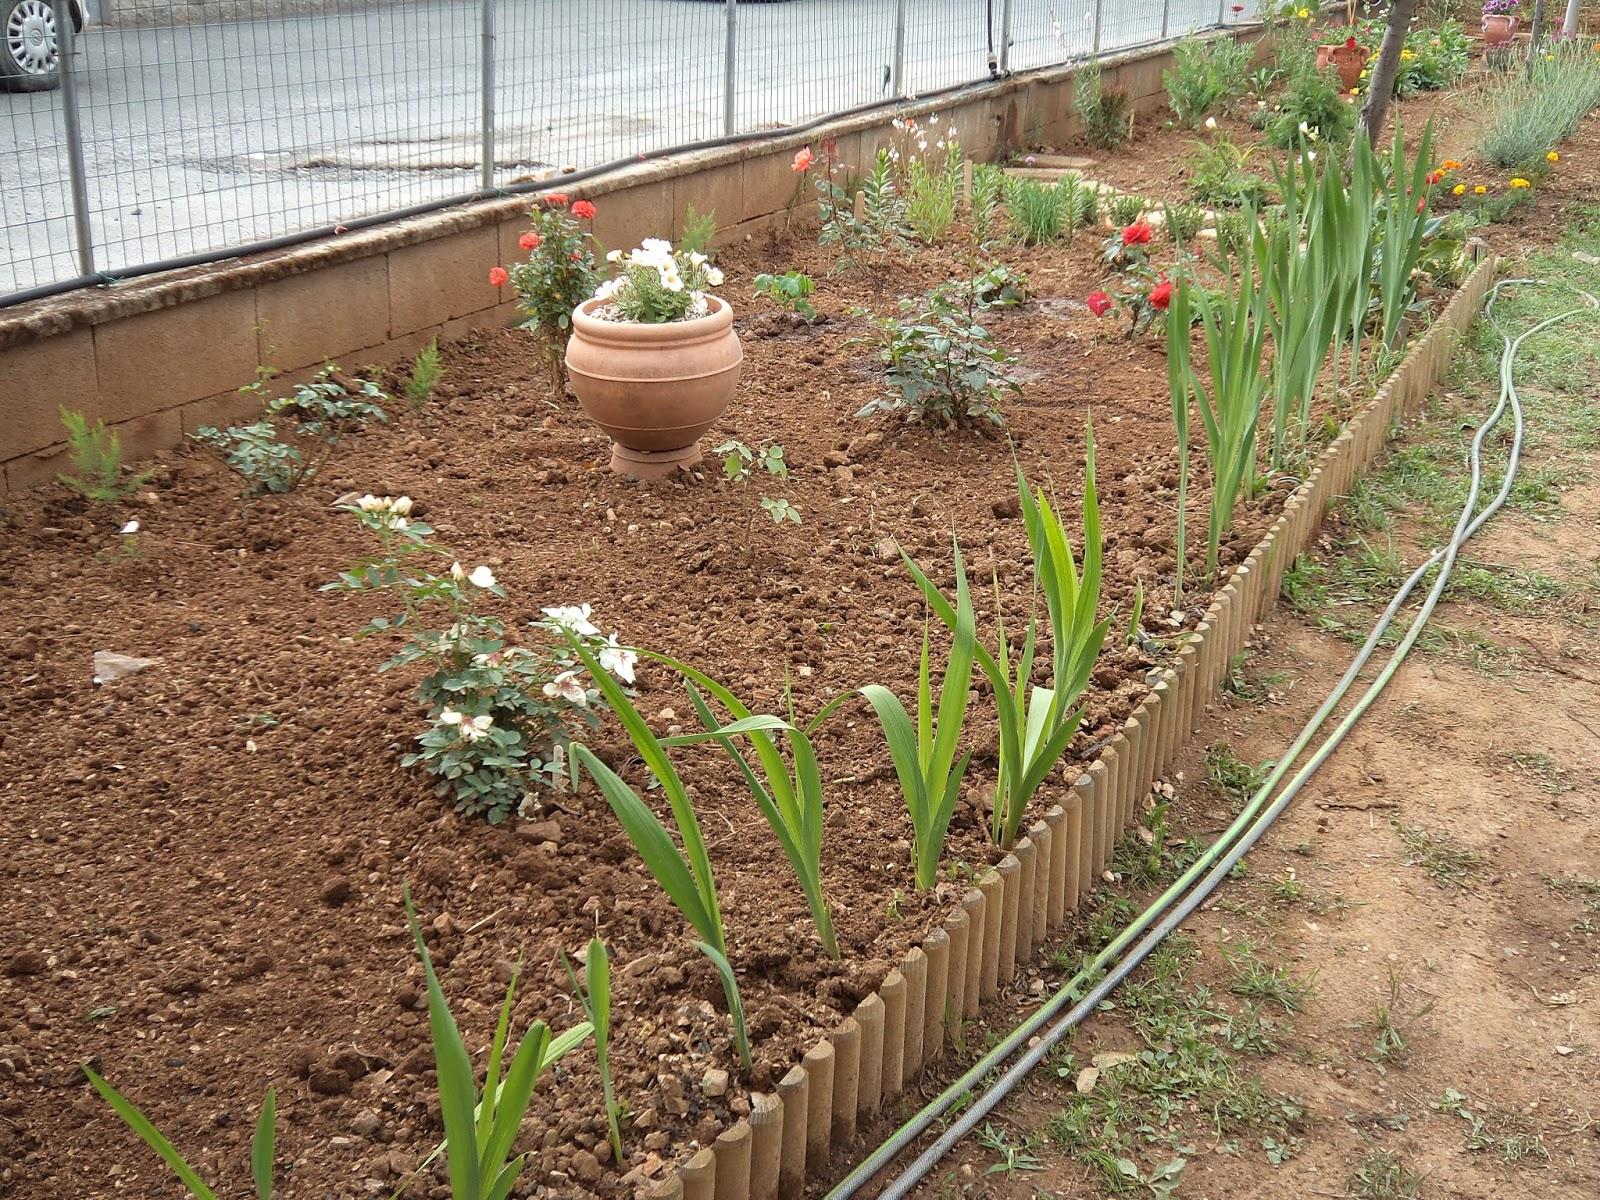 I giardini di carlo e letizia - Dalia pianta ...